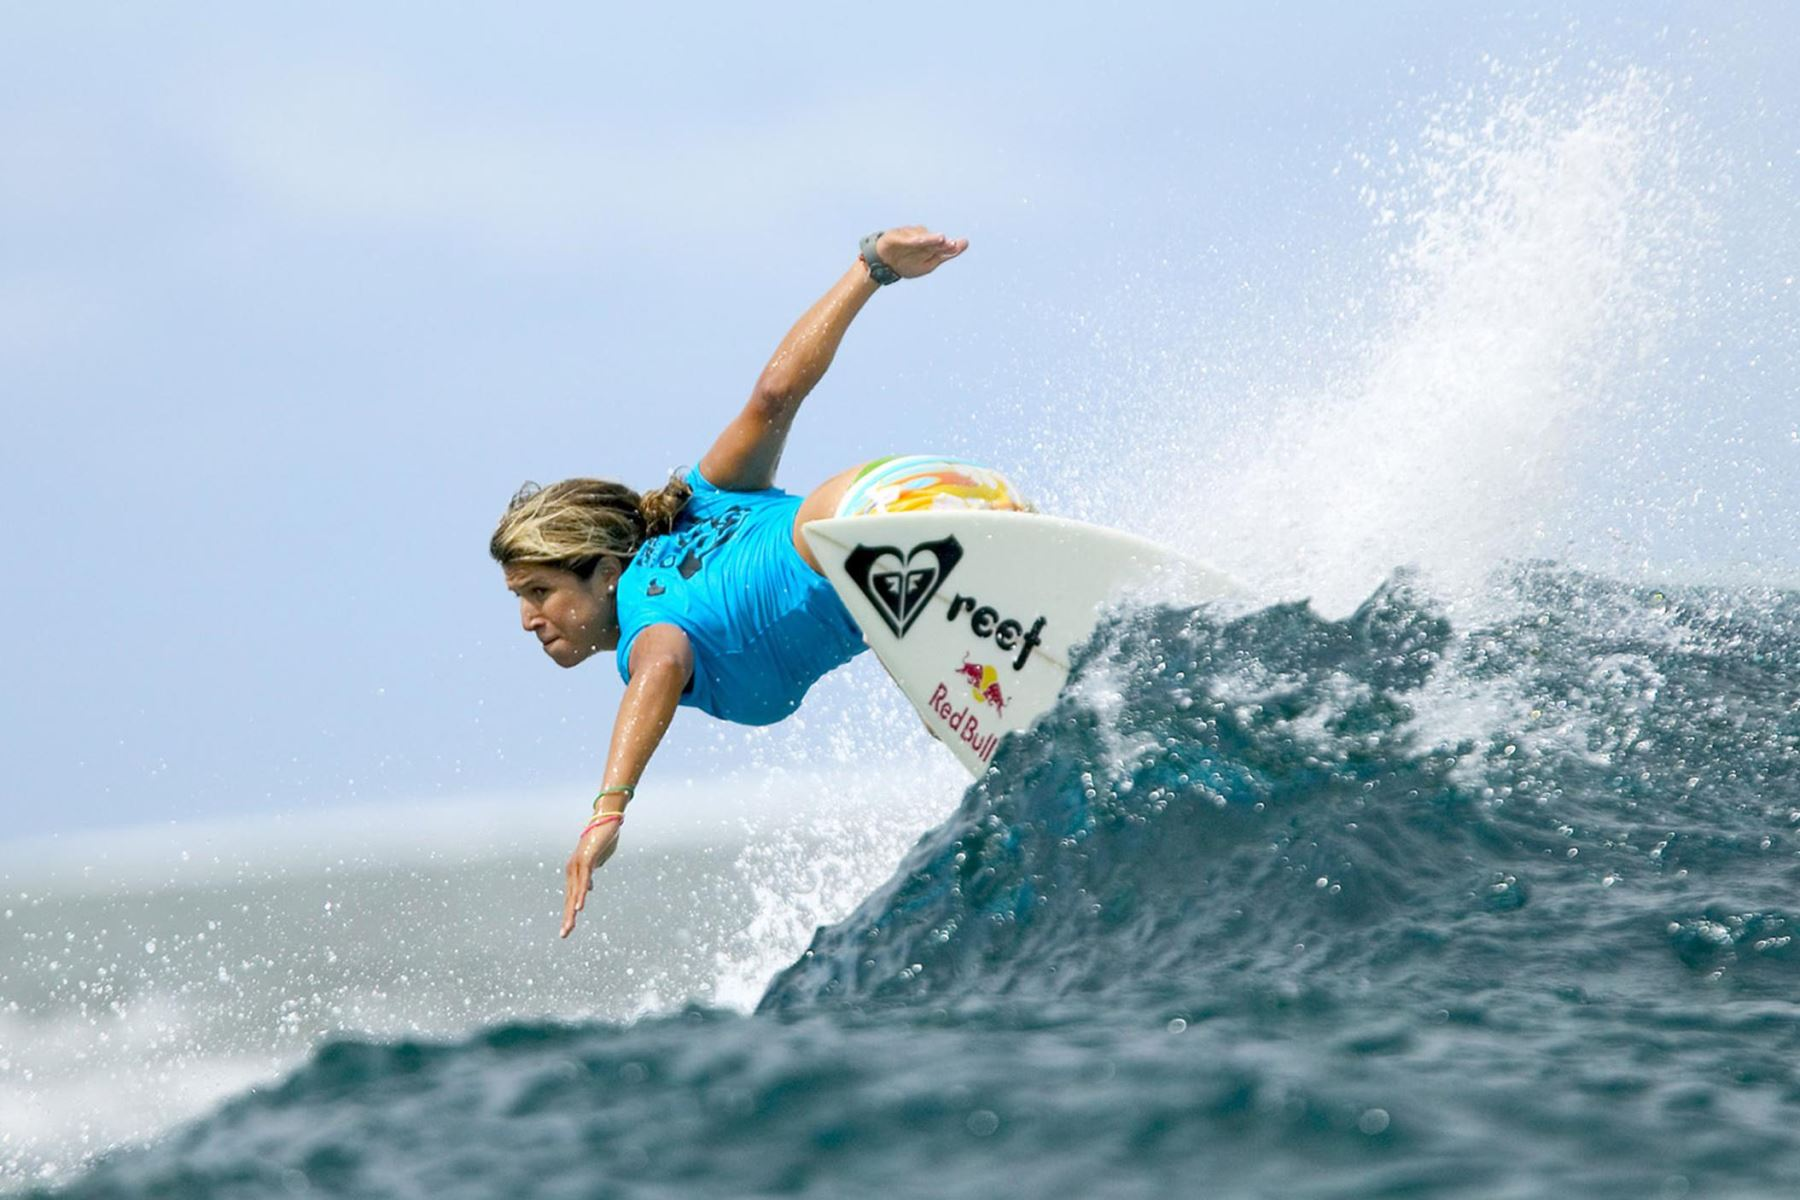 Sofía Mulanovich, de Perú, monta una ola que registra la mayor cantidad de calor general del día para vencer a la ganadora del evento de 2002 Melanie Redman-Carr de Australia en la isla de Tavarua, Fiji, el 20 de abril de 2004. Foto: AFP